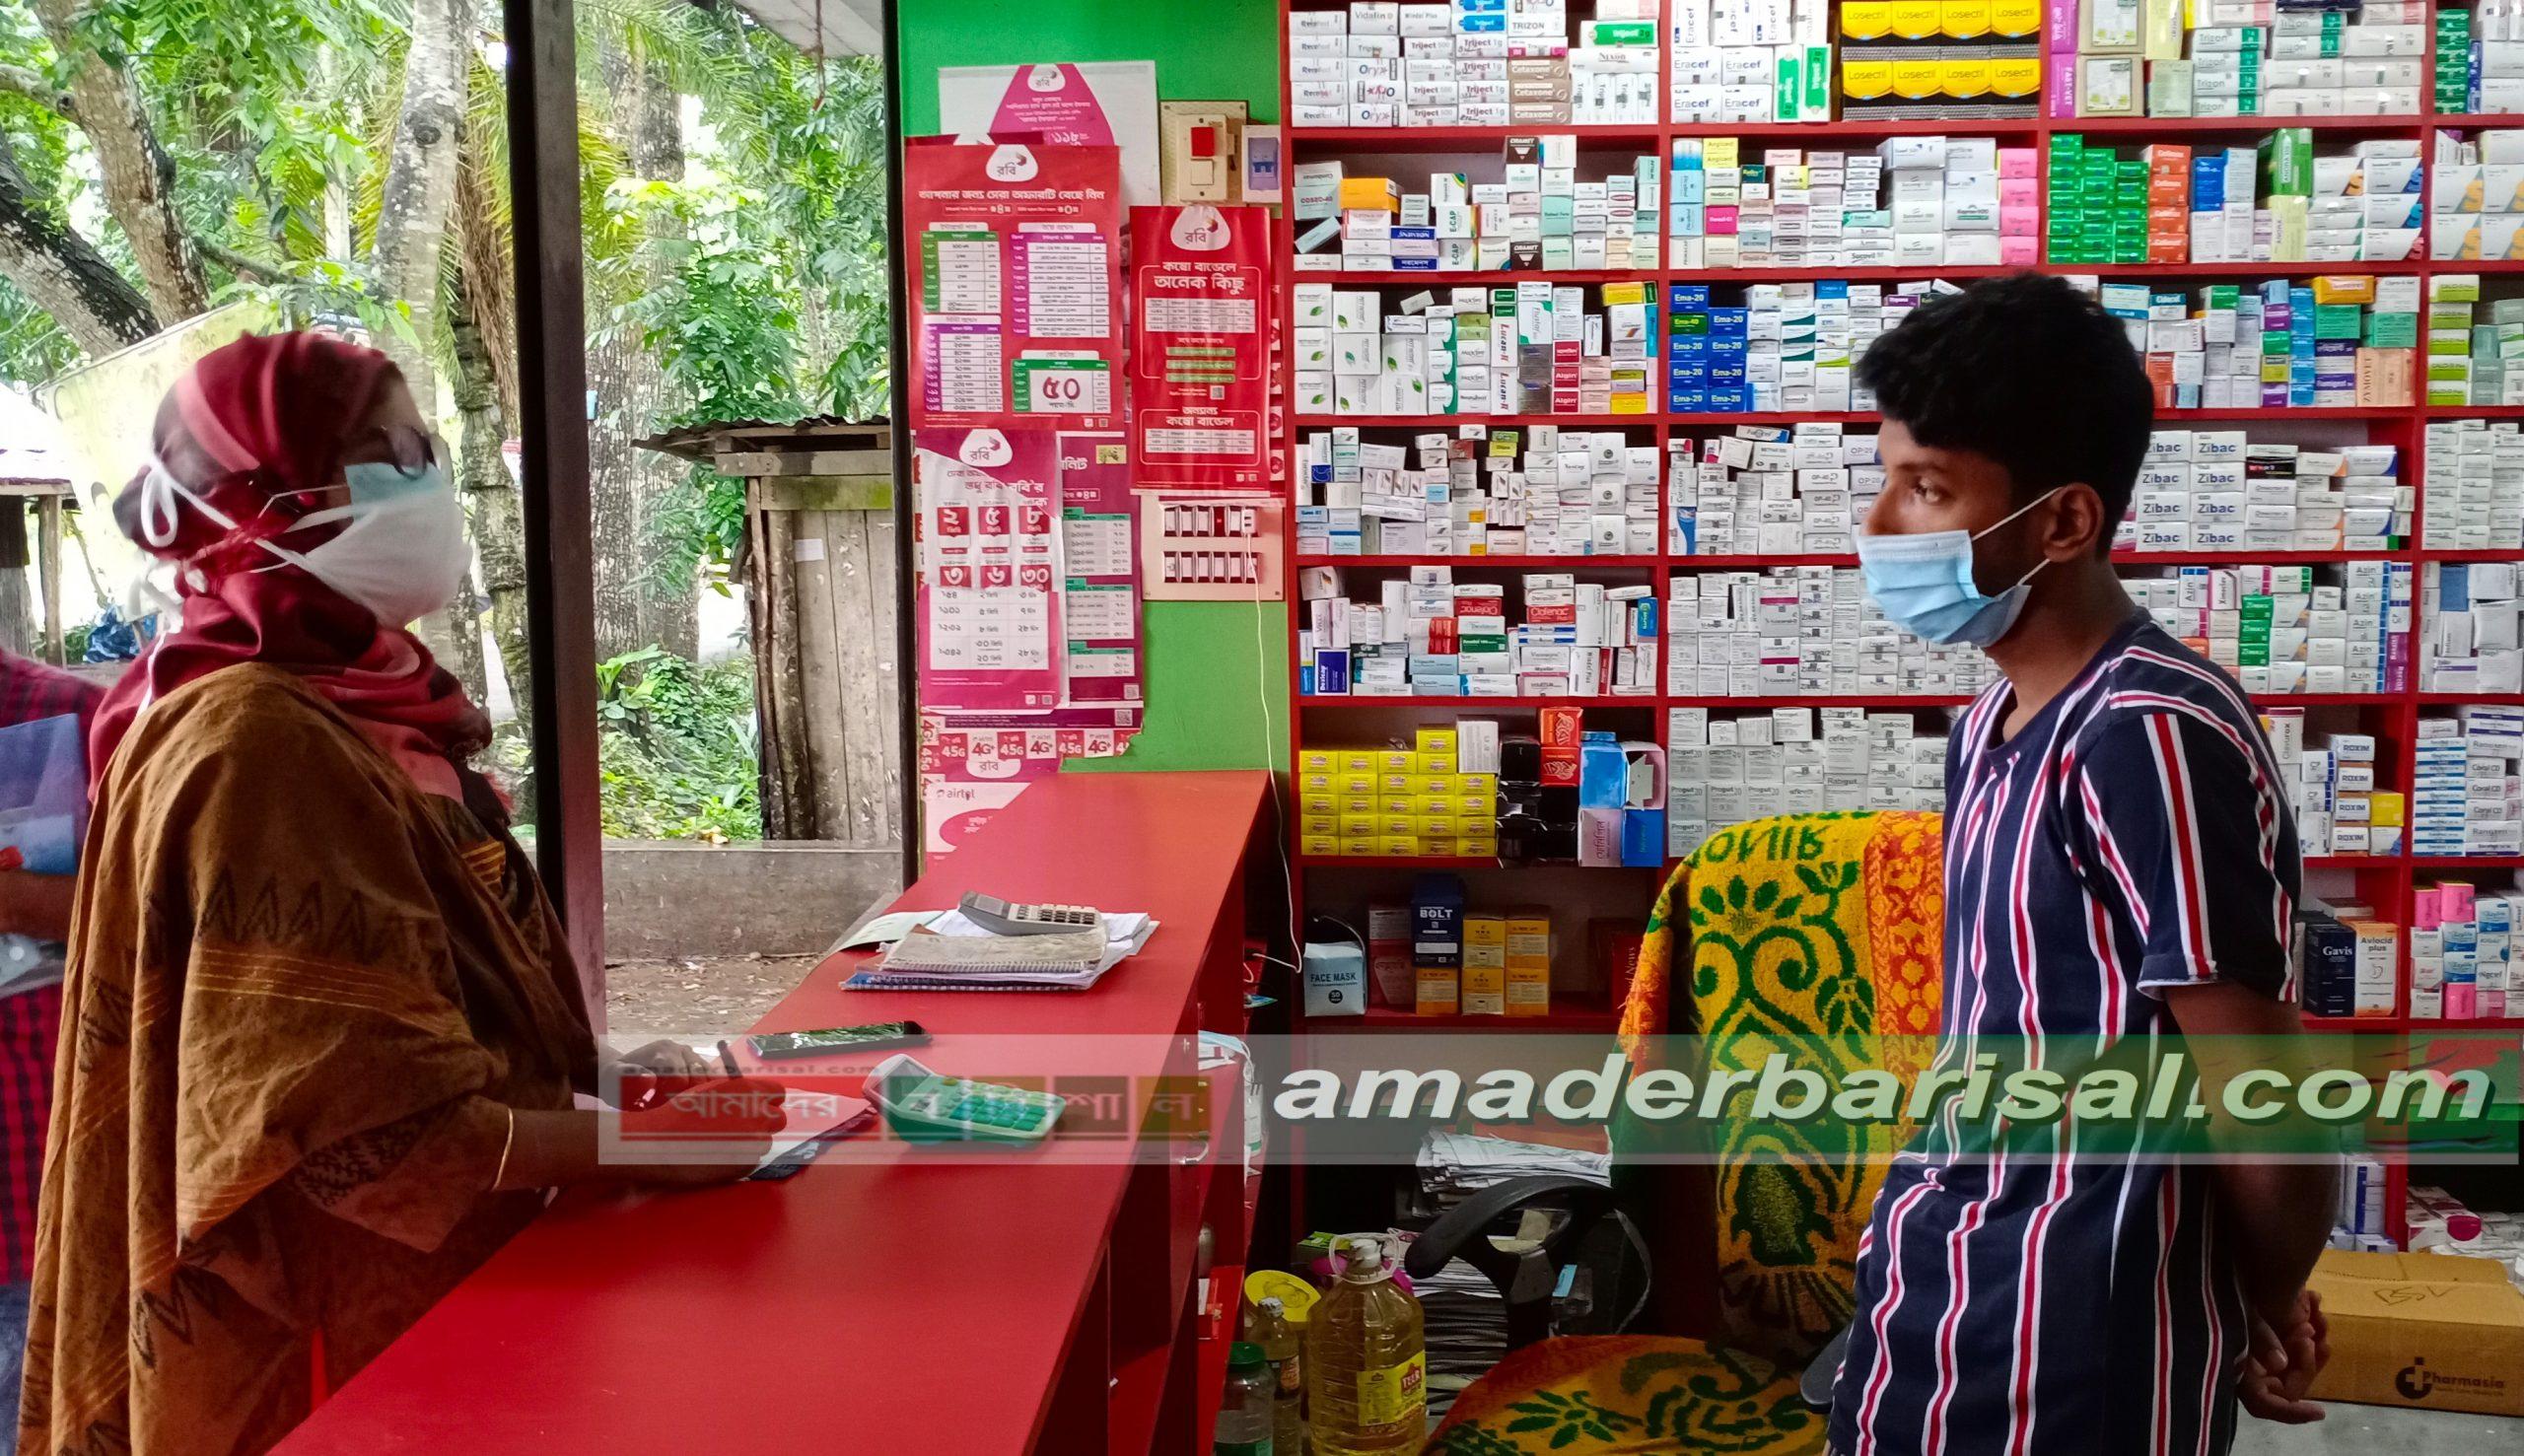 কাউখালীতে ২২ জনকে ভ্রাম্যমান আদালতের জরিমানা